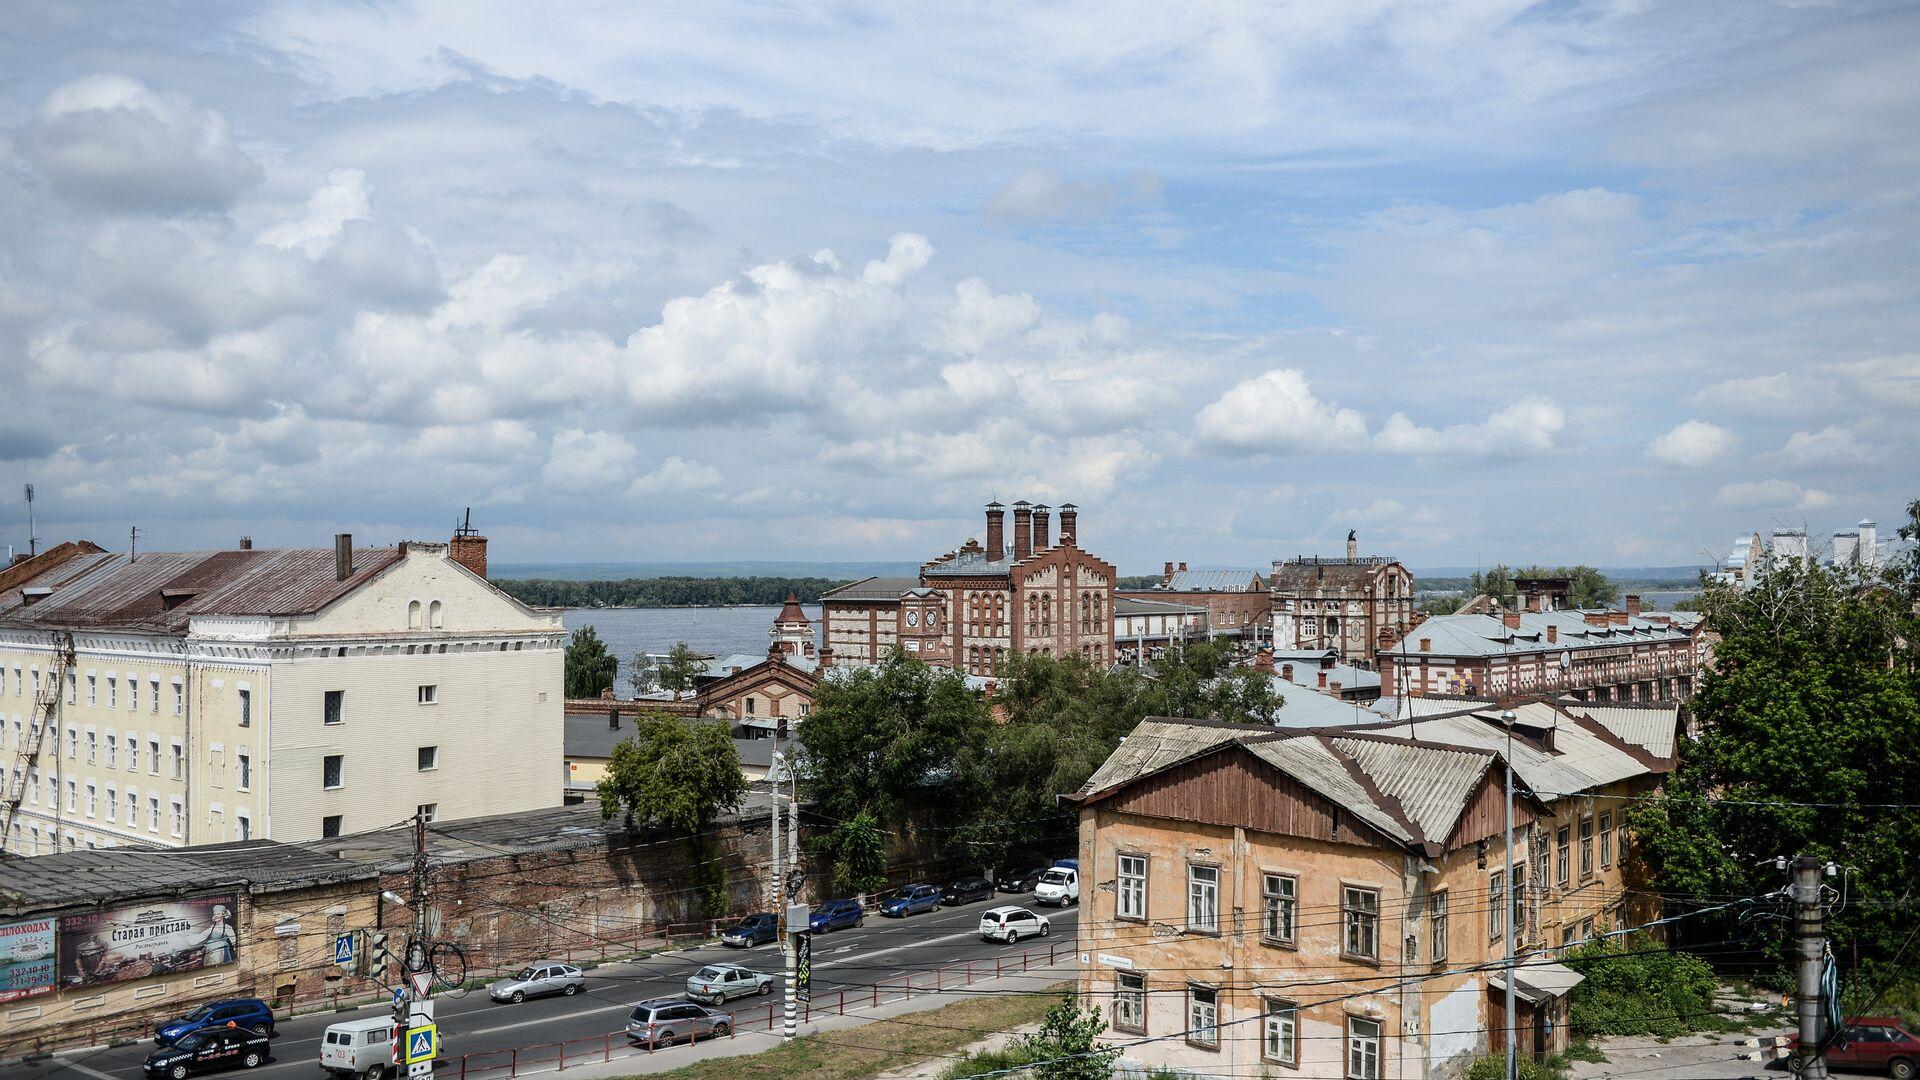 Улицы и здания Самары - РИА Новости, 1920, 30.07.2021